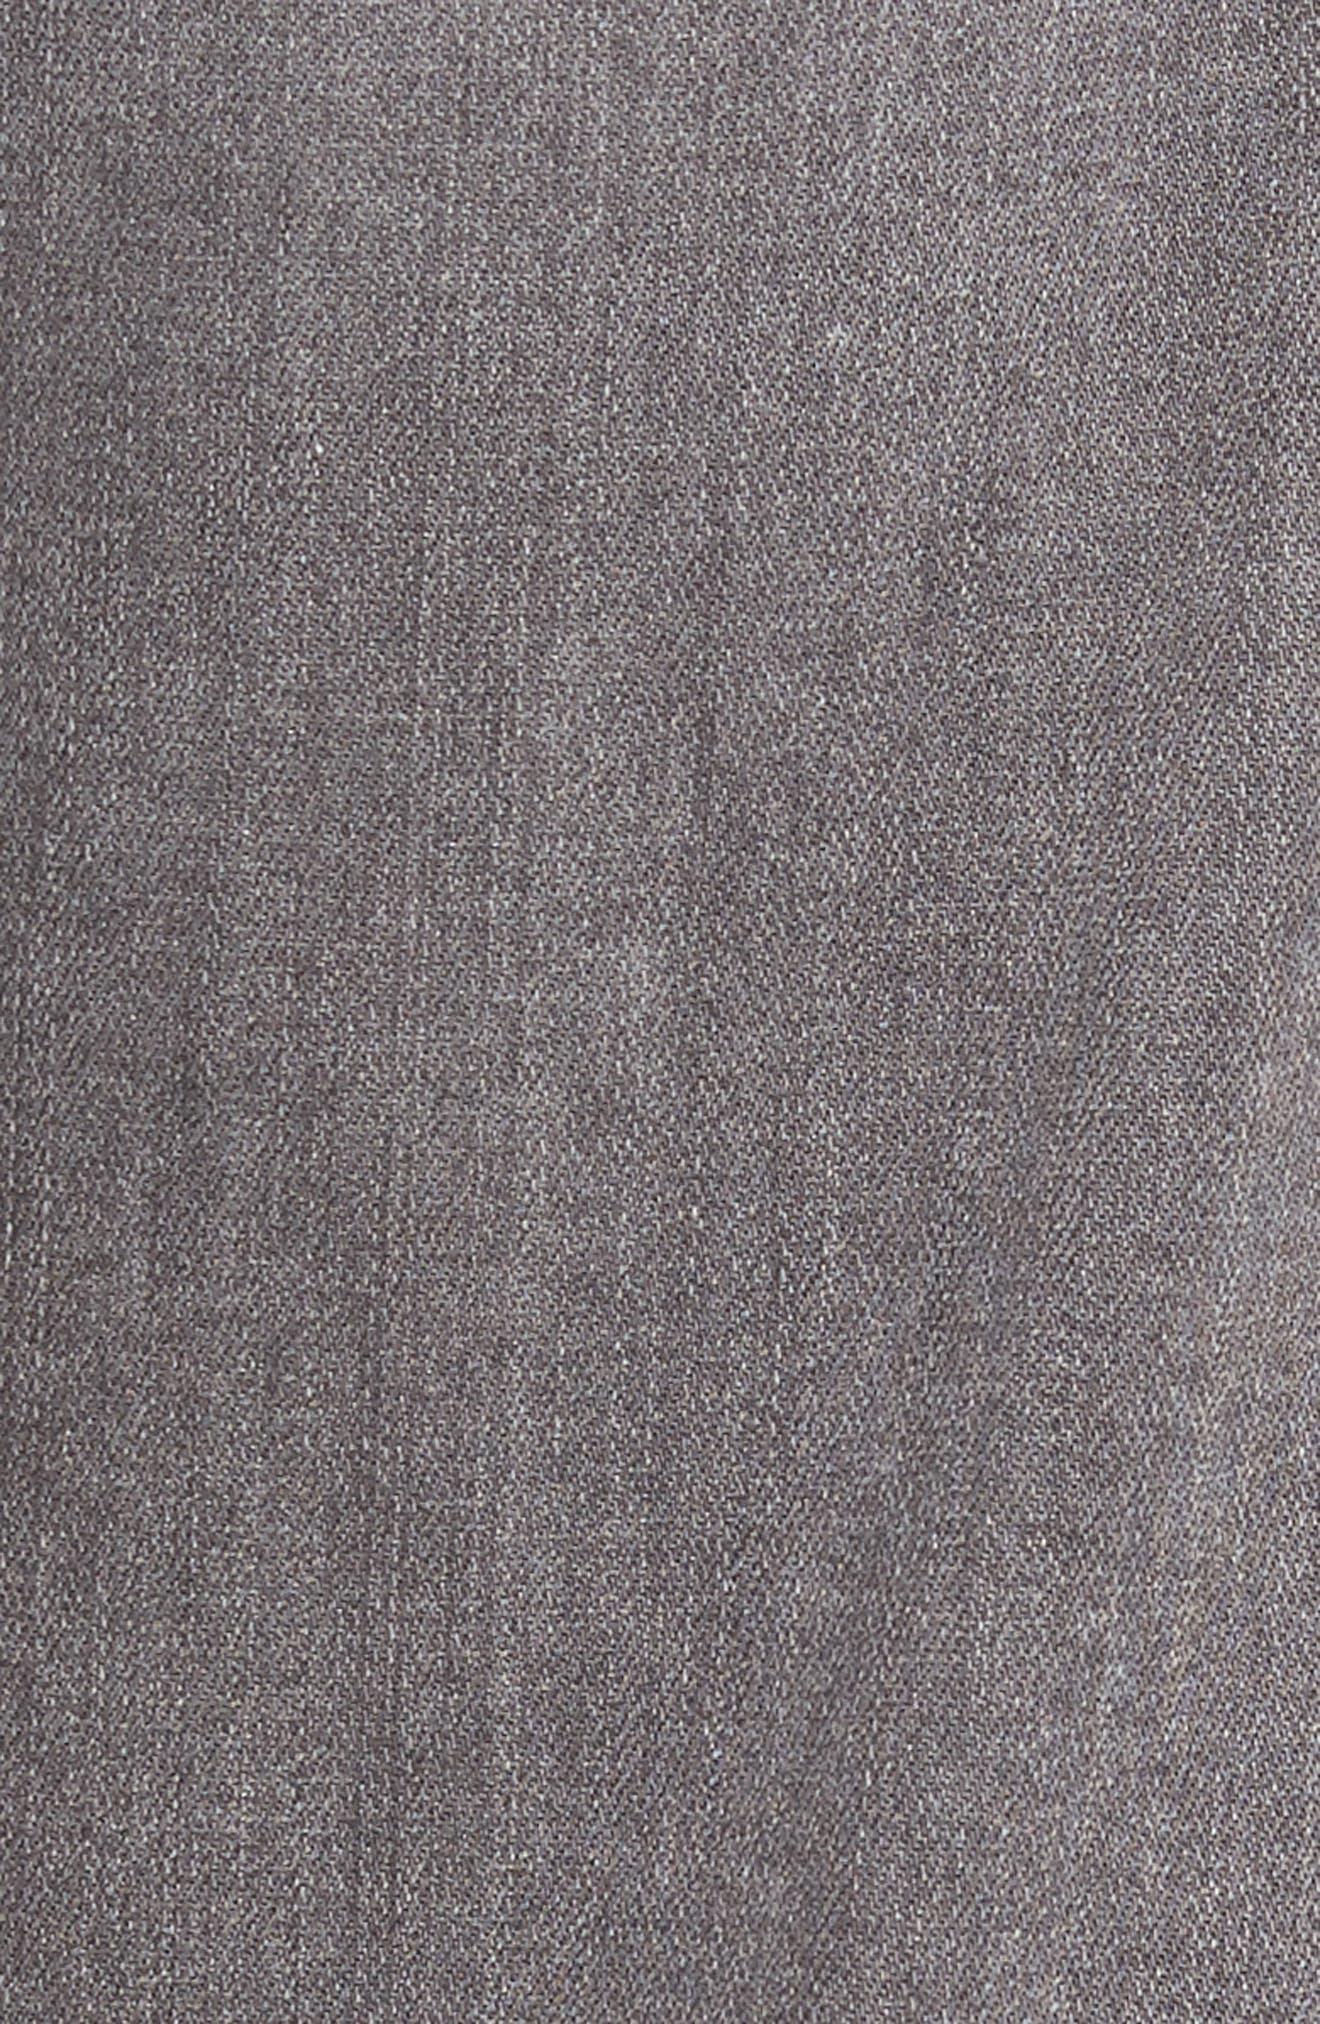 Normandie Straight Leg Jeans,                             Alternate thumbnail 5, color,                             Annex